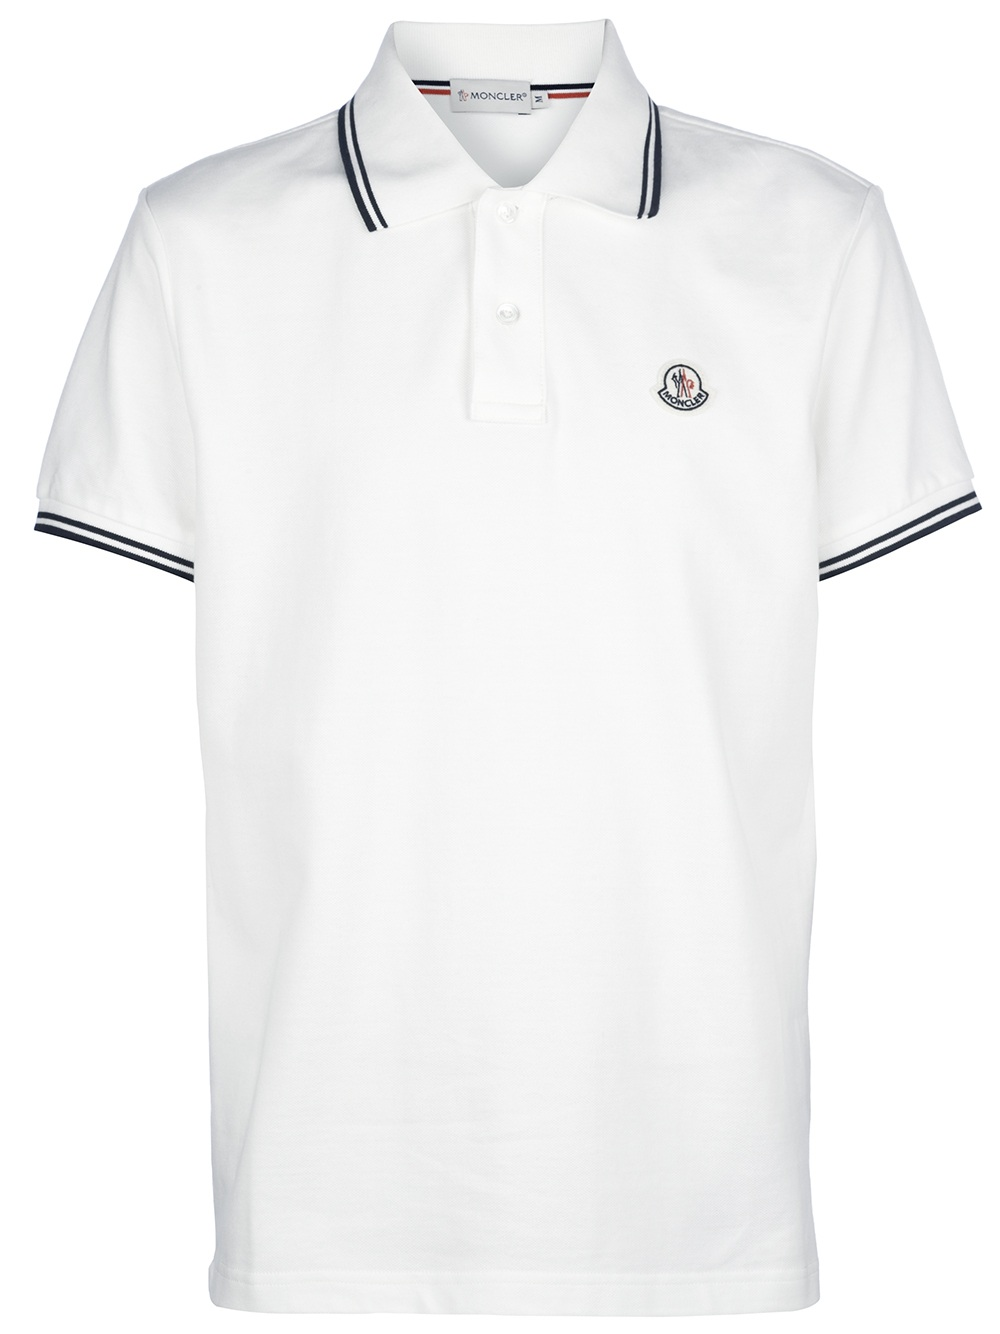 Moncler Classic Pique Polo Shirt In White For Men Cream